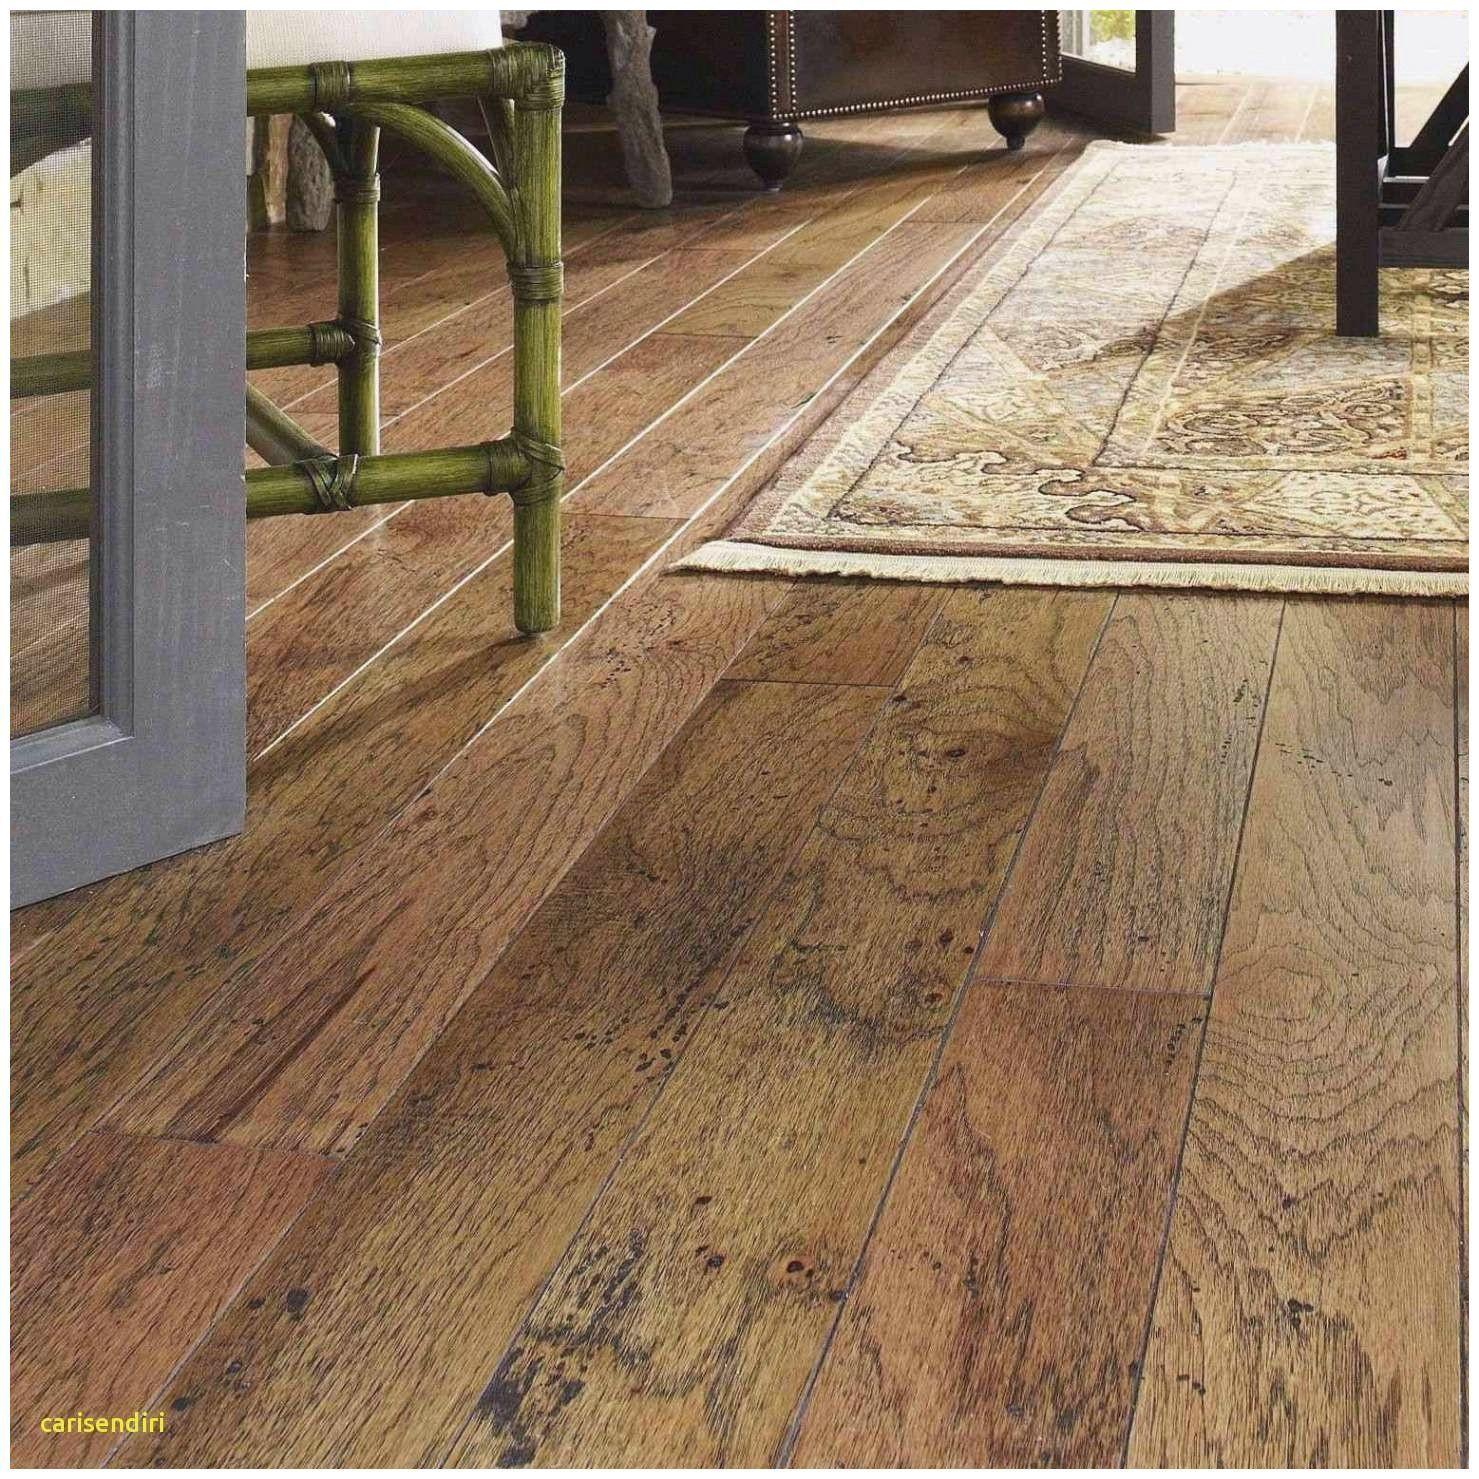 Badezimmereitelkeiten Installation Von Badezimmereitelkeiten In 2020 Wood Laminate Flooring Engineered Wood Floors Porcelain Flooring